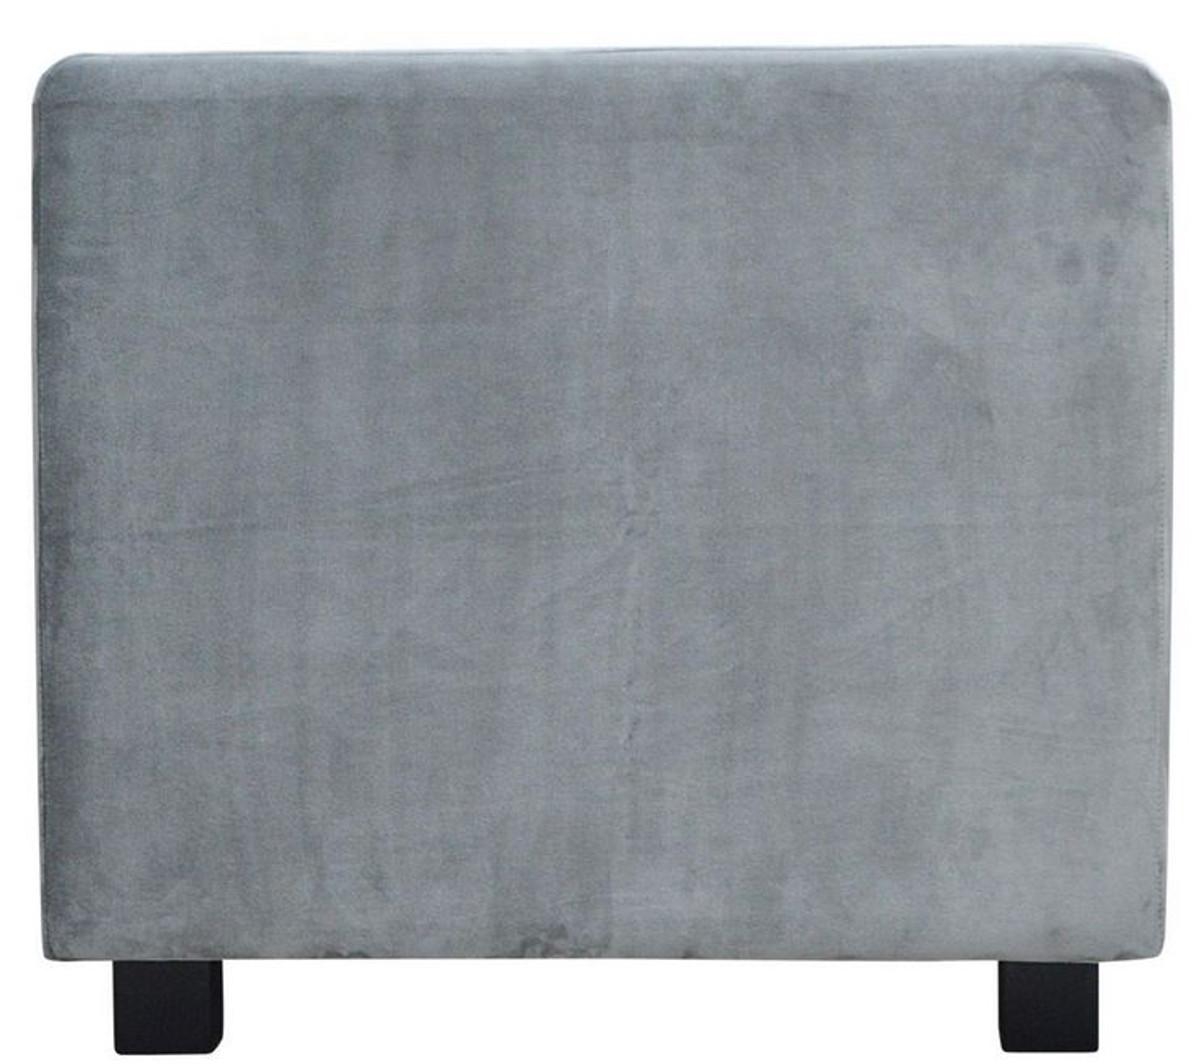 Casa Padrino Luxus Samt Sofa 200 x 75 x H. 70 cm - Verschiedene Farben - Wohnzimmer Möbel - Luxus Qualität 3